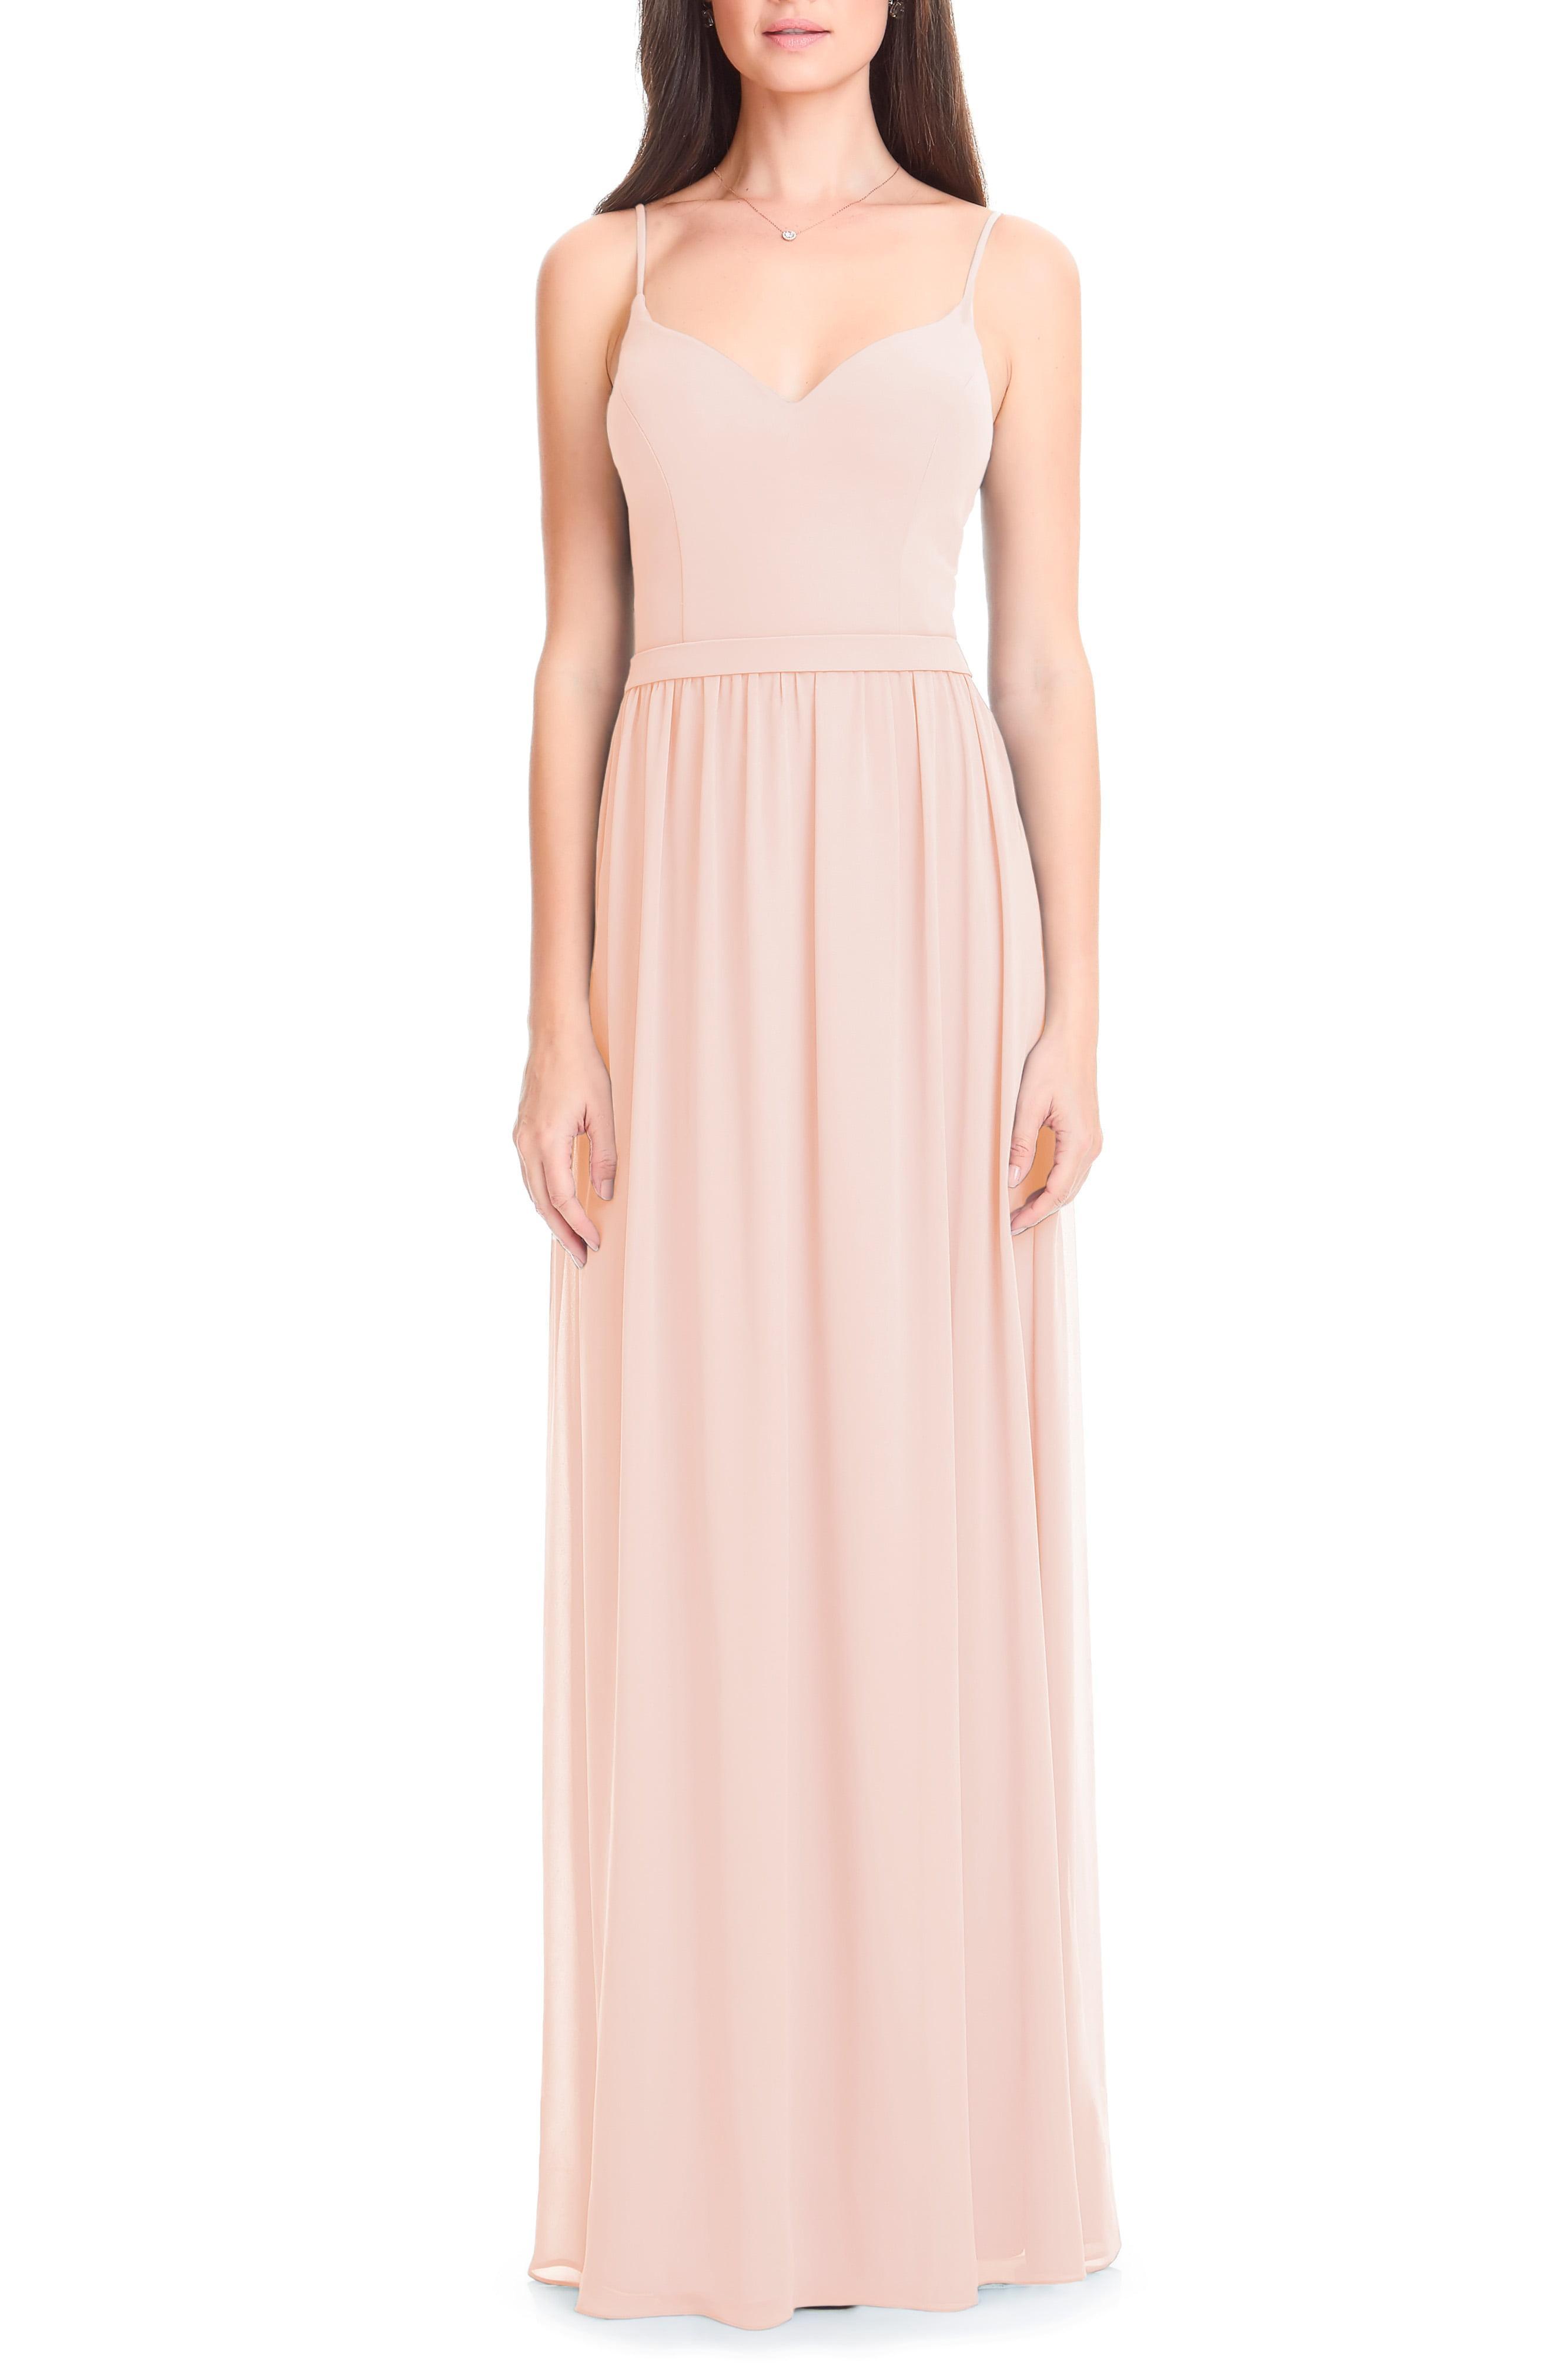 69eb0dd6b81 Lyst - Bill Levkoff Chiffon Gown in Pink